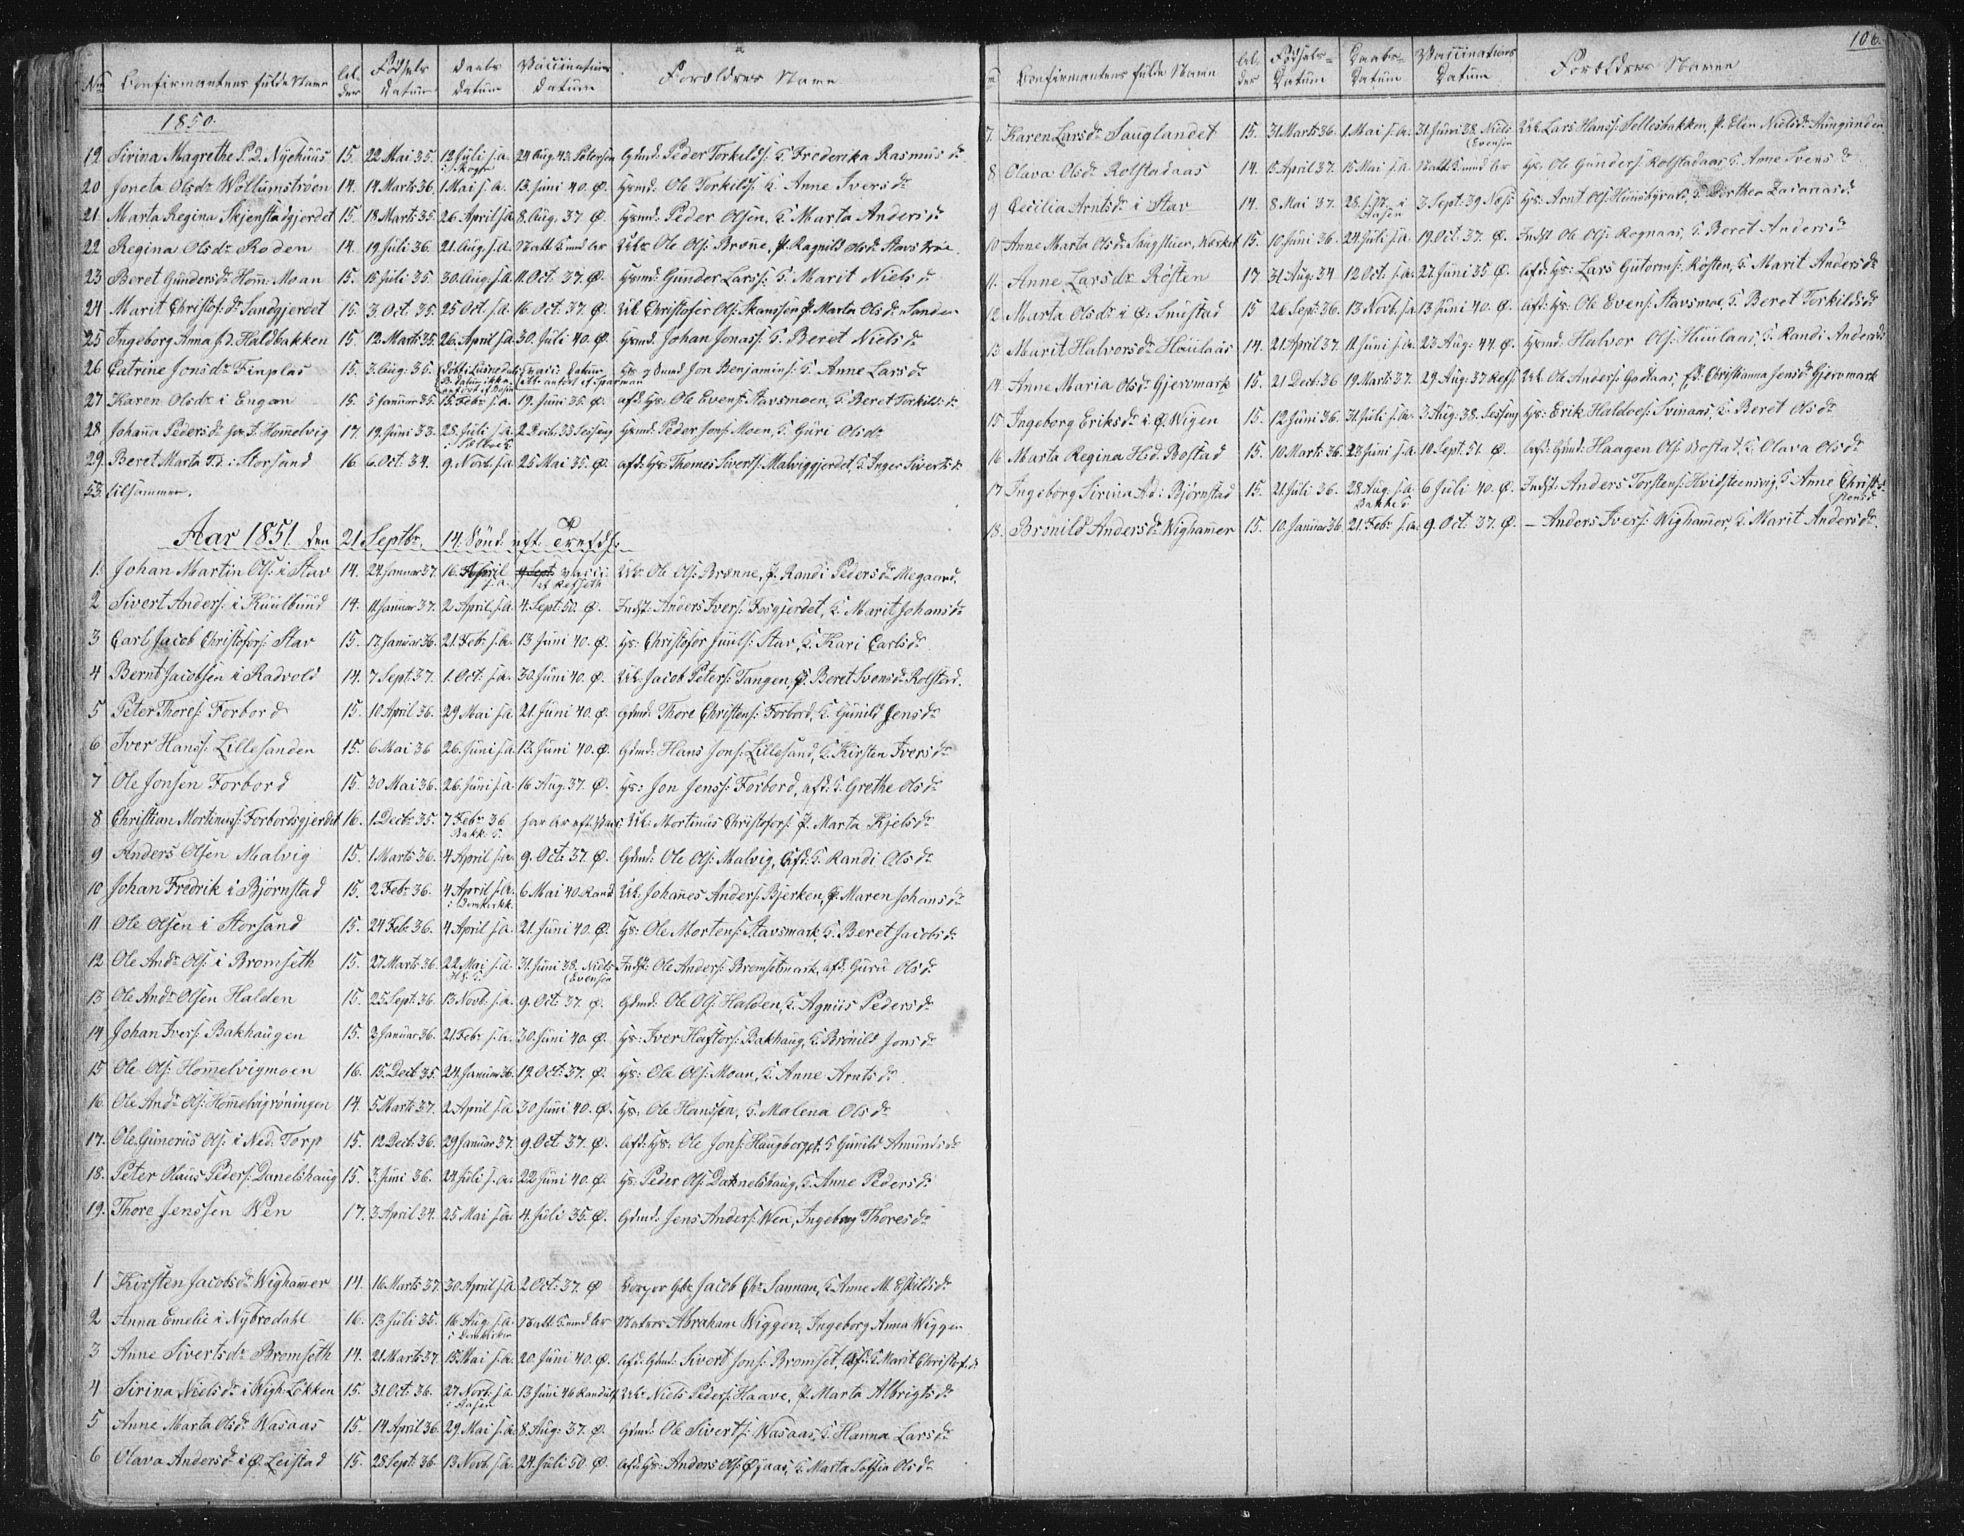 SAT, Ministerialprotokoller, klokkerbøker og fødselsregistre - Sør-Trøndelag, 616/L0406: Ministerialbok nr. 616A03, 1843-1879, s. 106